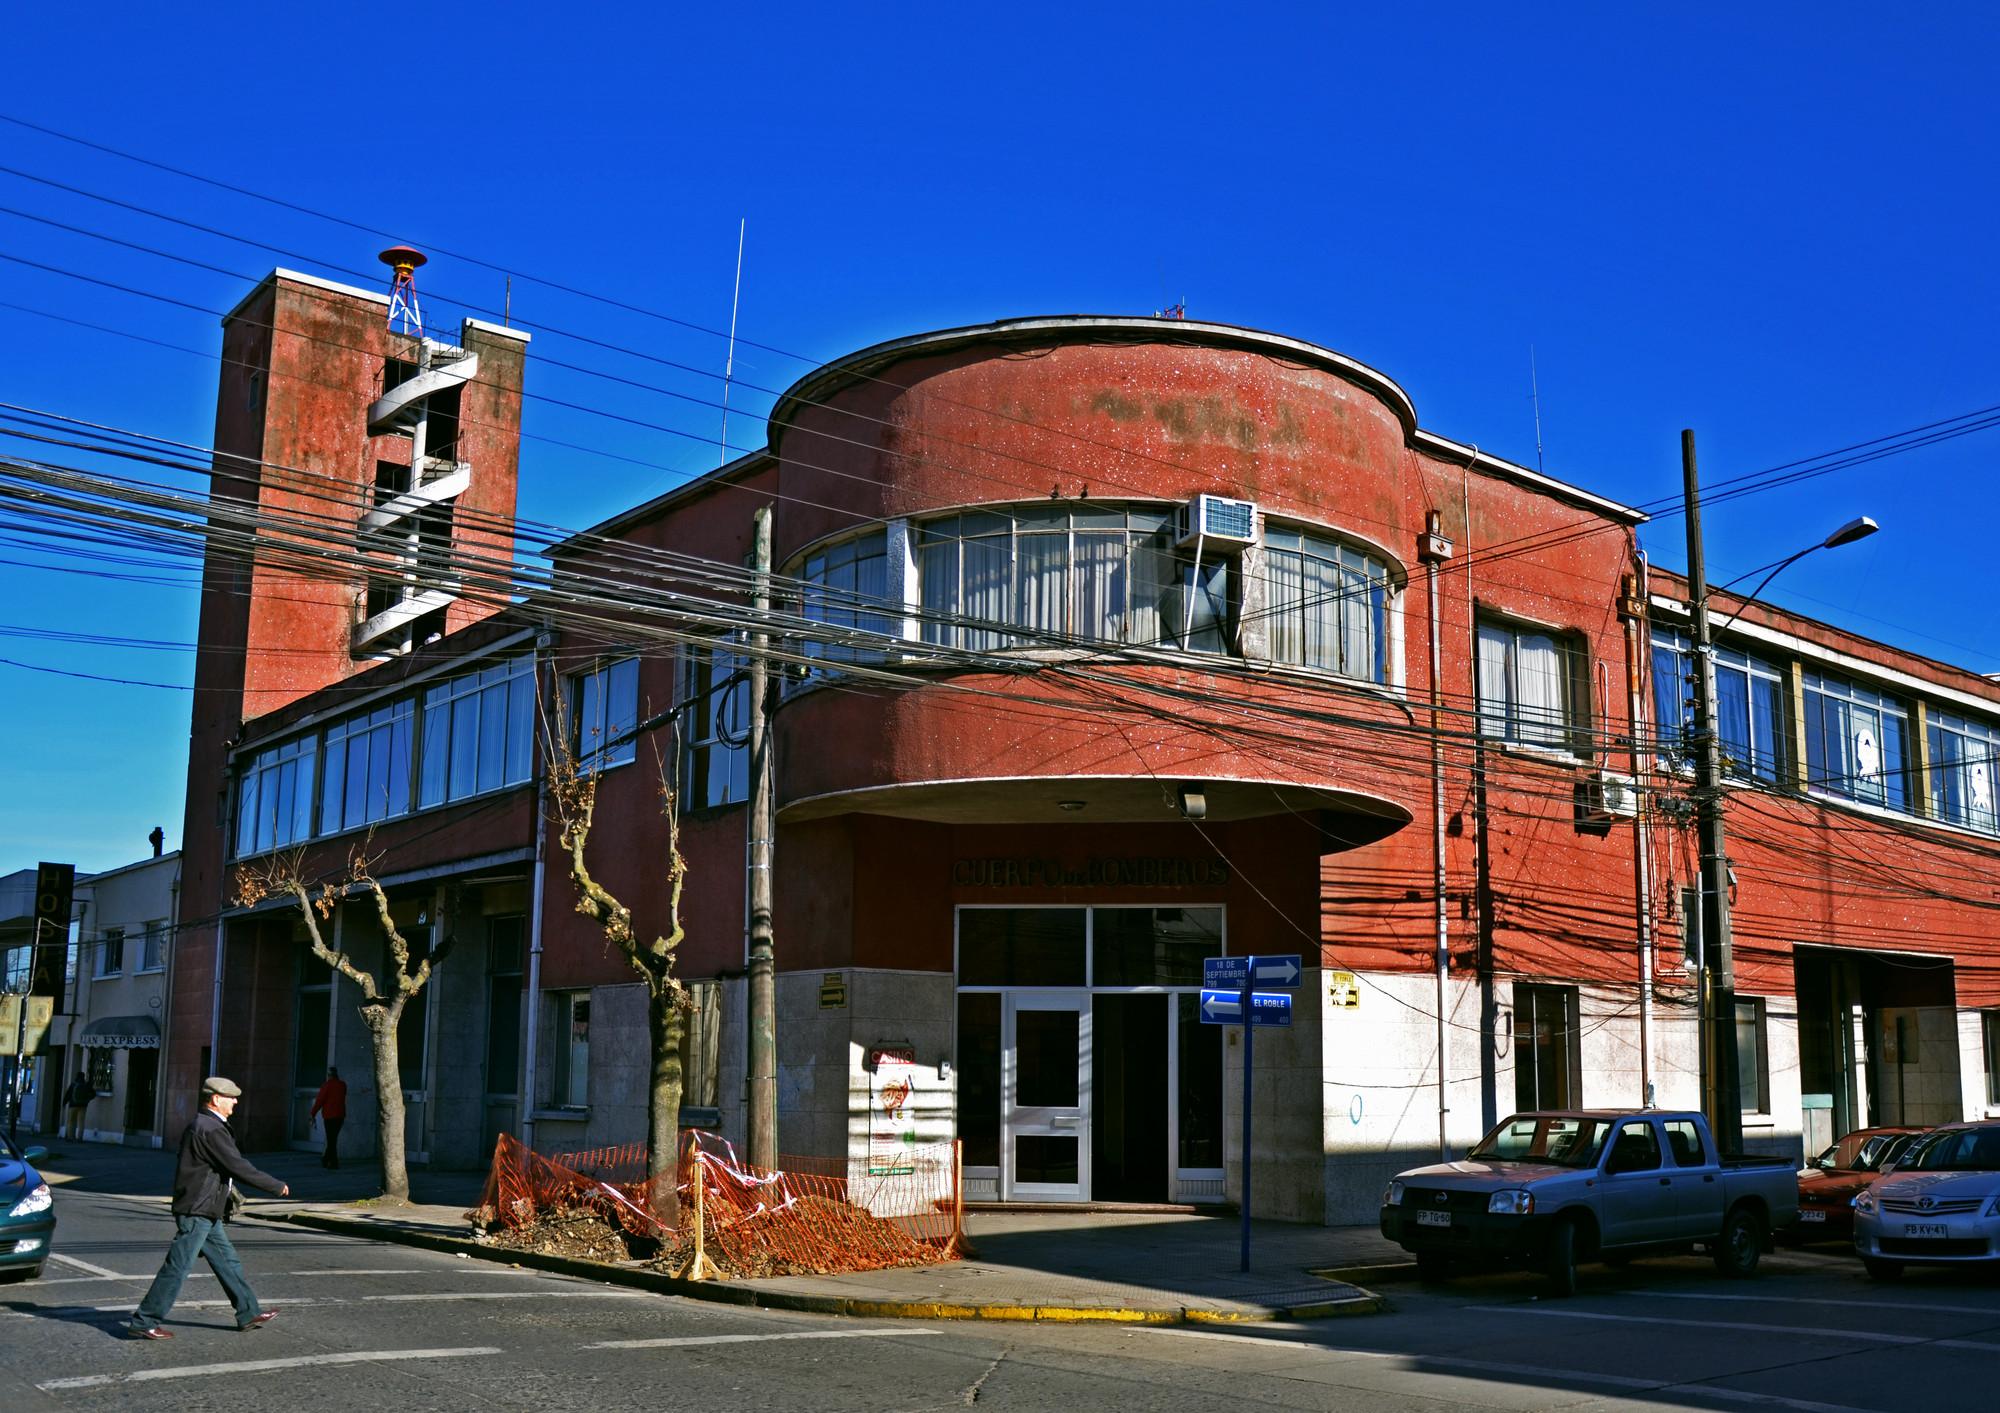 Estación de Bomberos de Chillán diseñada por Tibor Weiner y Ricardo Muller después del terremoto de 1939.. Image © Gonzalo Vargas Malinowski